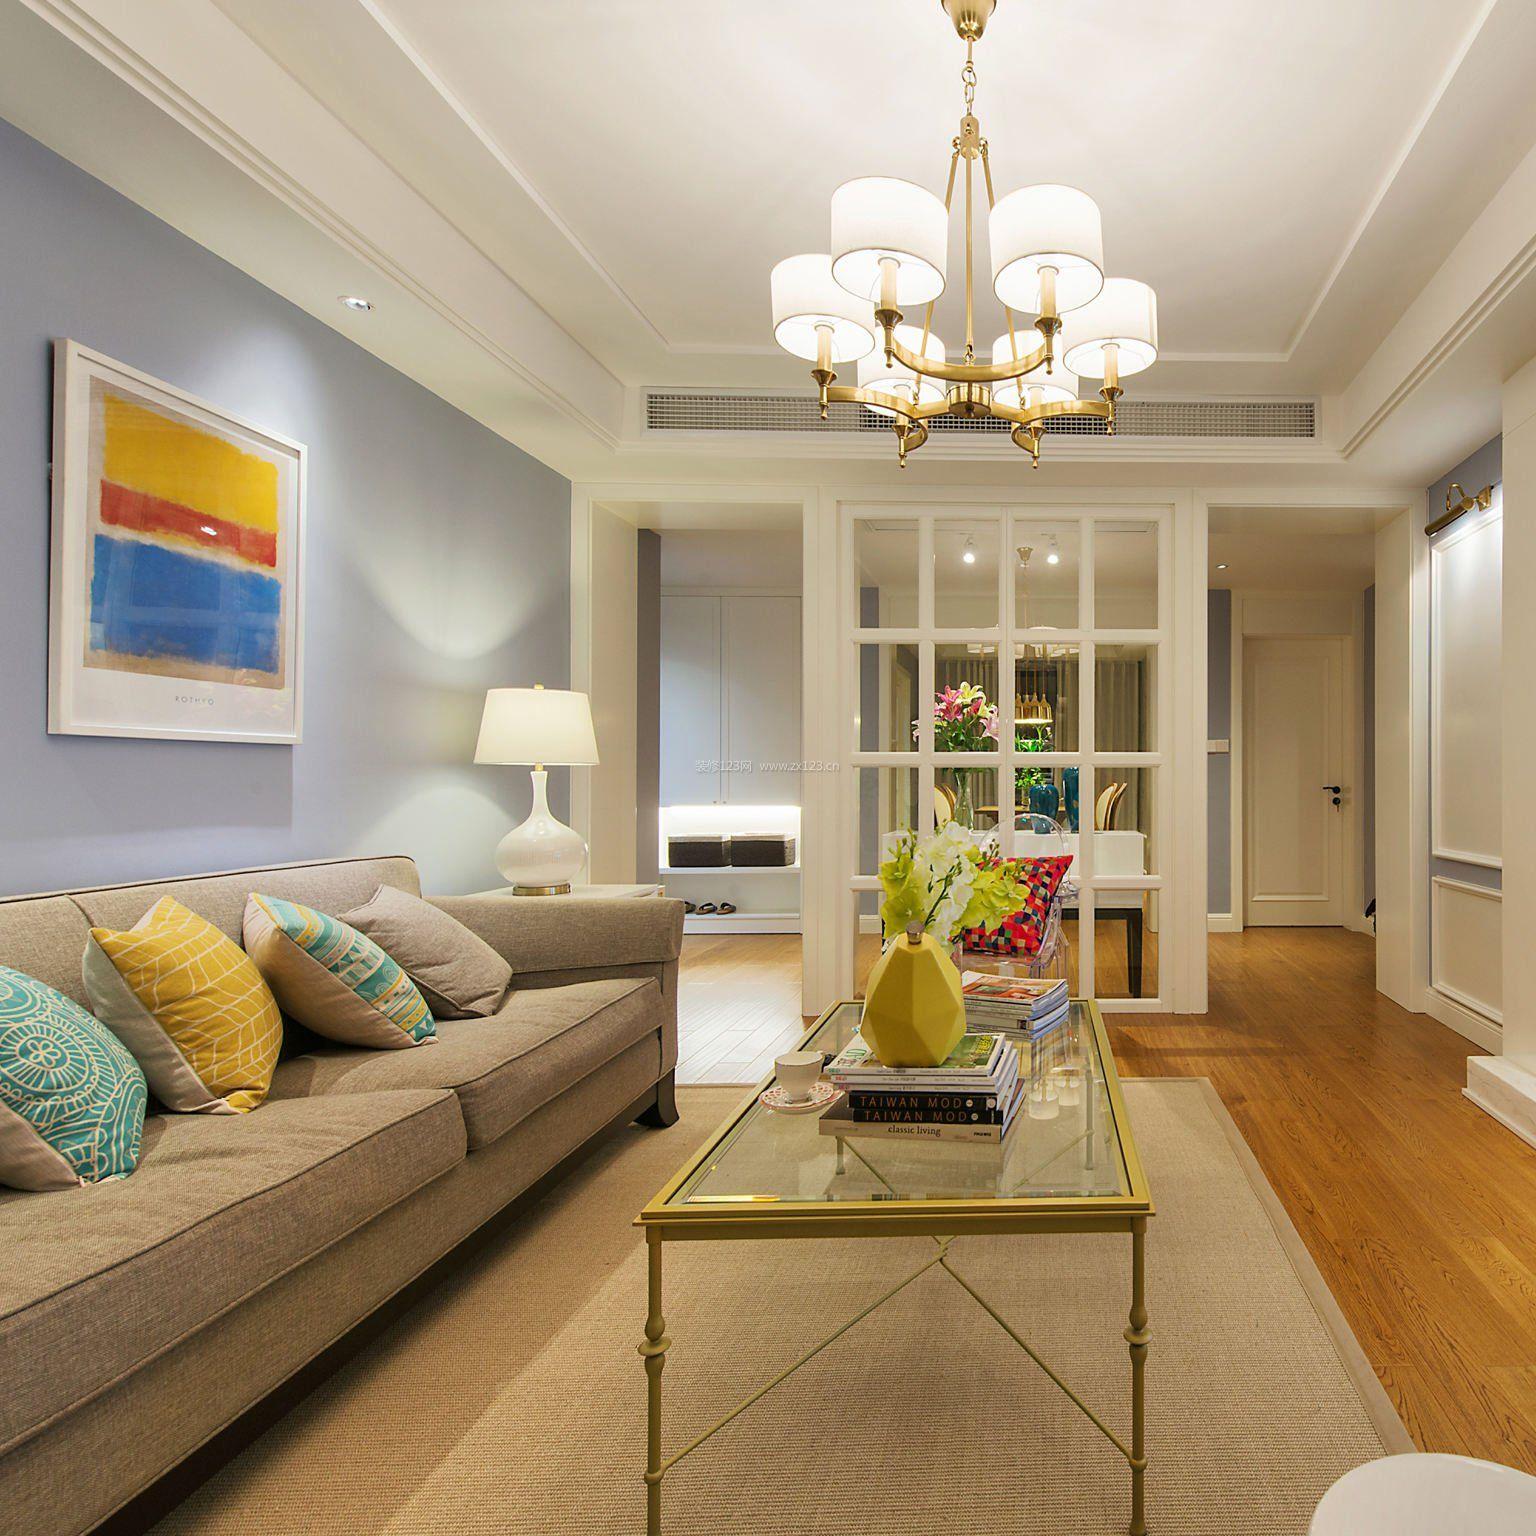 2018美式风格二居客厅吊灯